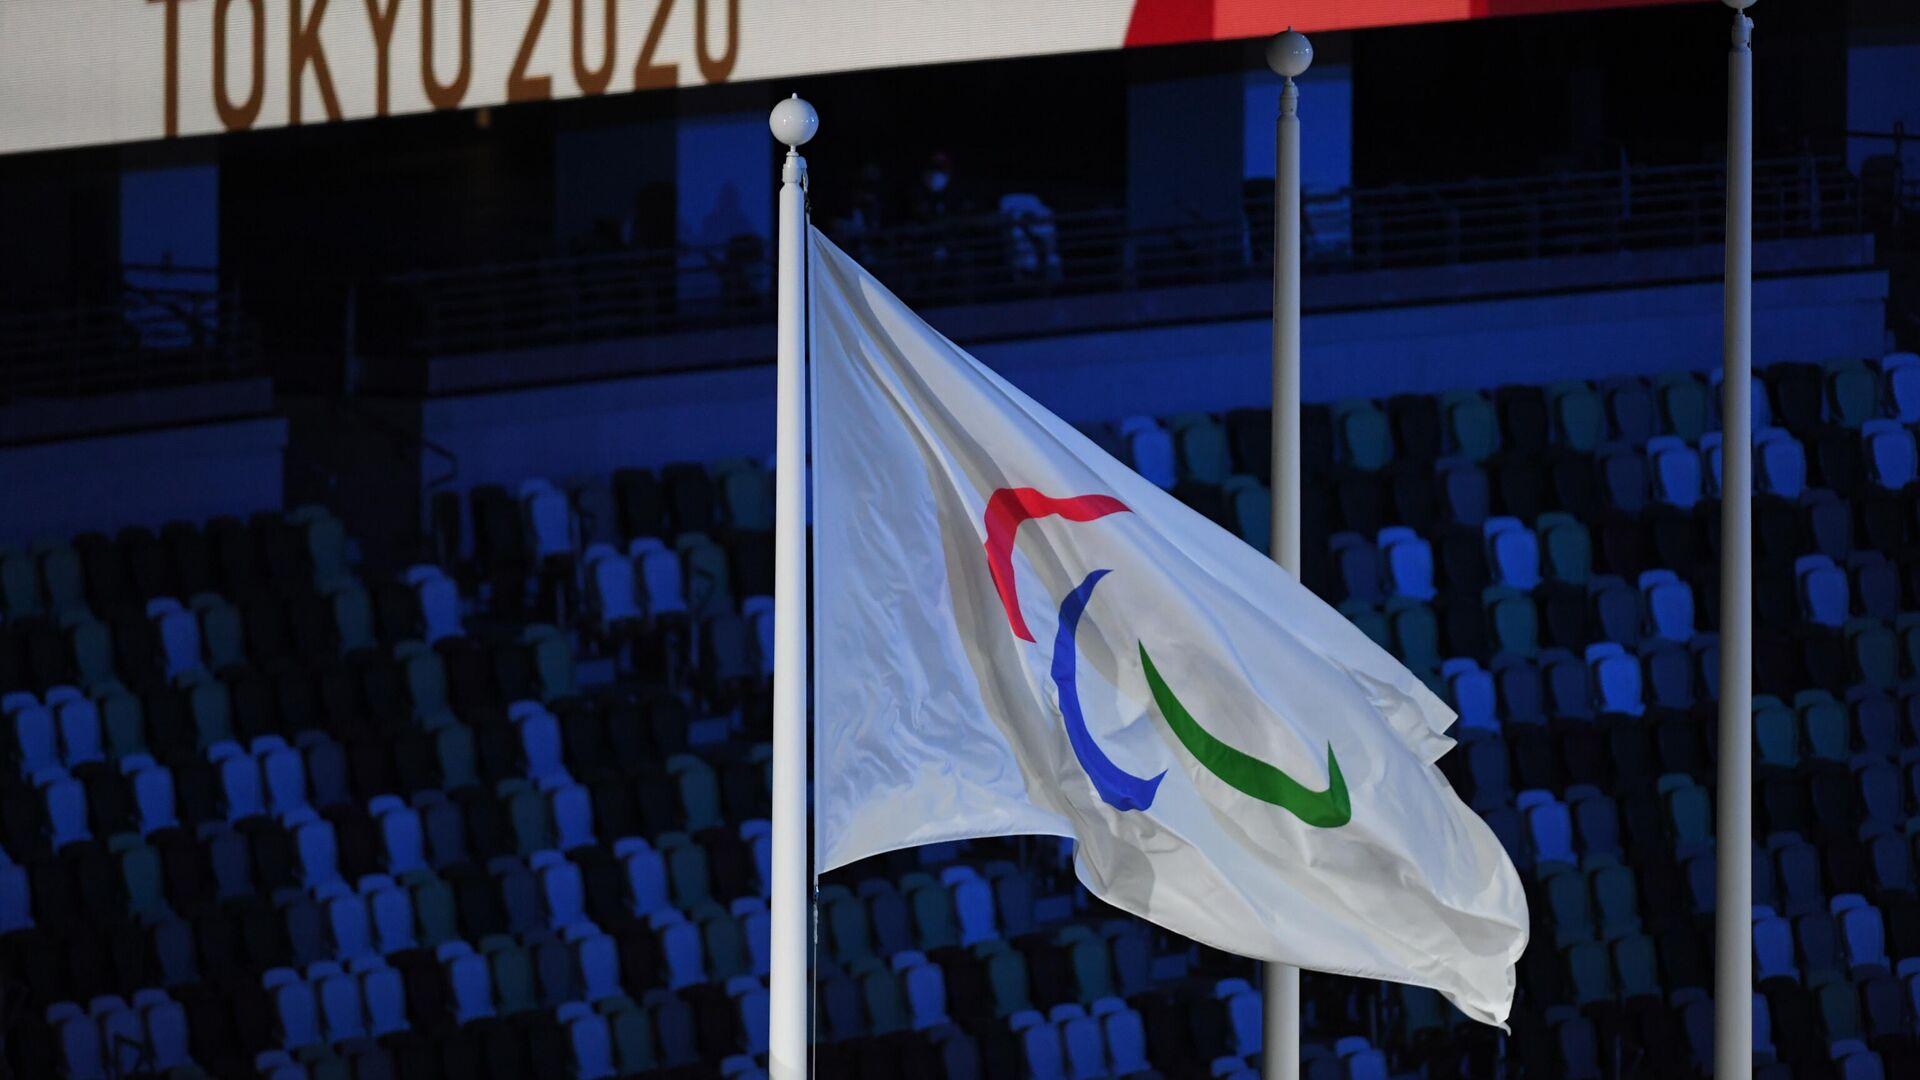 Поднятие флага Паралимпийского комитета России (ПКР) во время торжественной церемонии закрытия XVI летних Паралимпийских игр в Токио на Национальном олимпийском стадионе. - РИА Новости, 1920, 21.09.2021